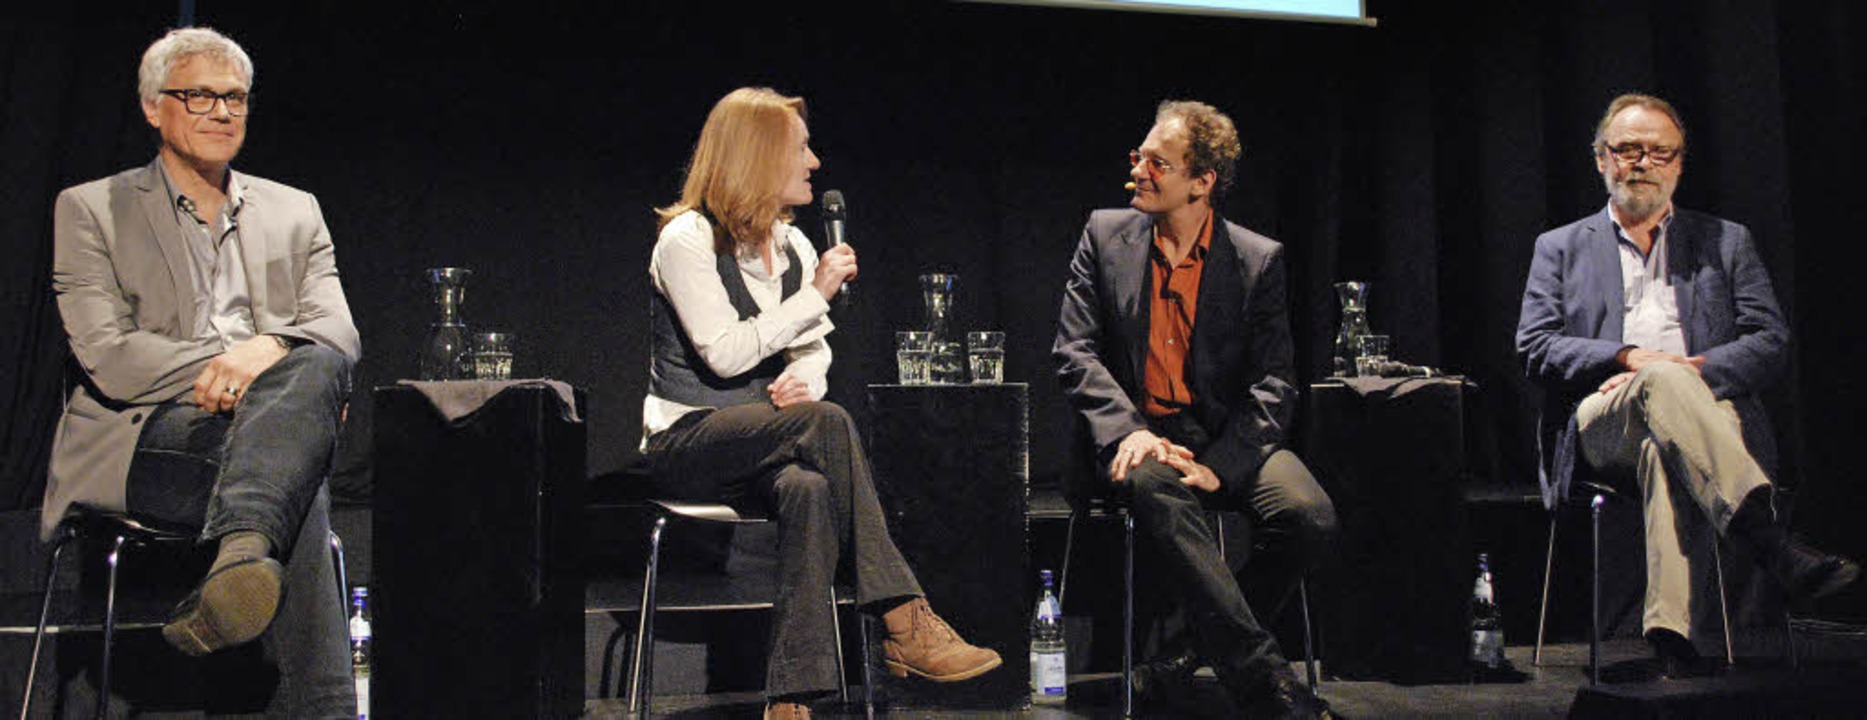 Markus Muffler, Charlotte Geiger, Chin...rkraum Schöpflin über die Finanzwelt.   | Foto: Mink